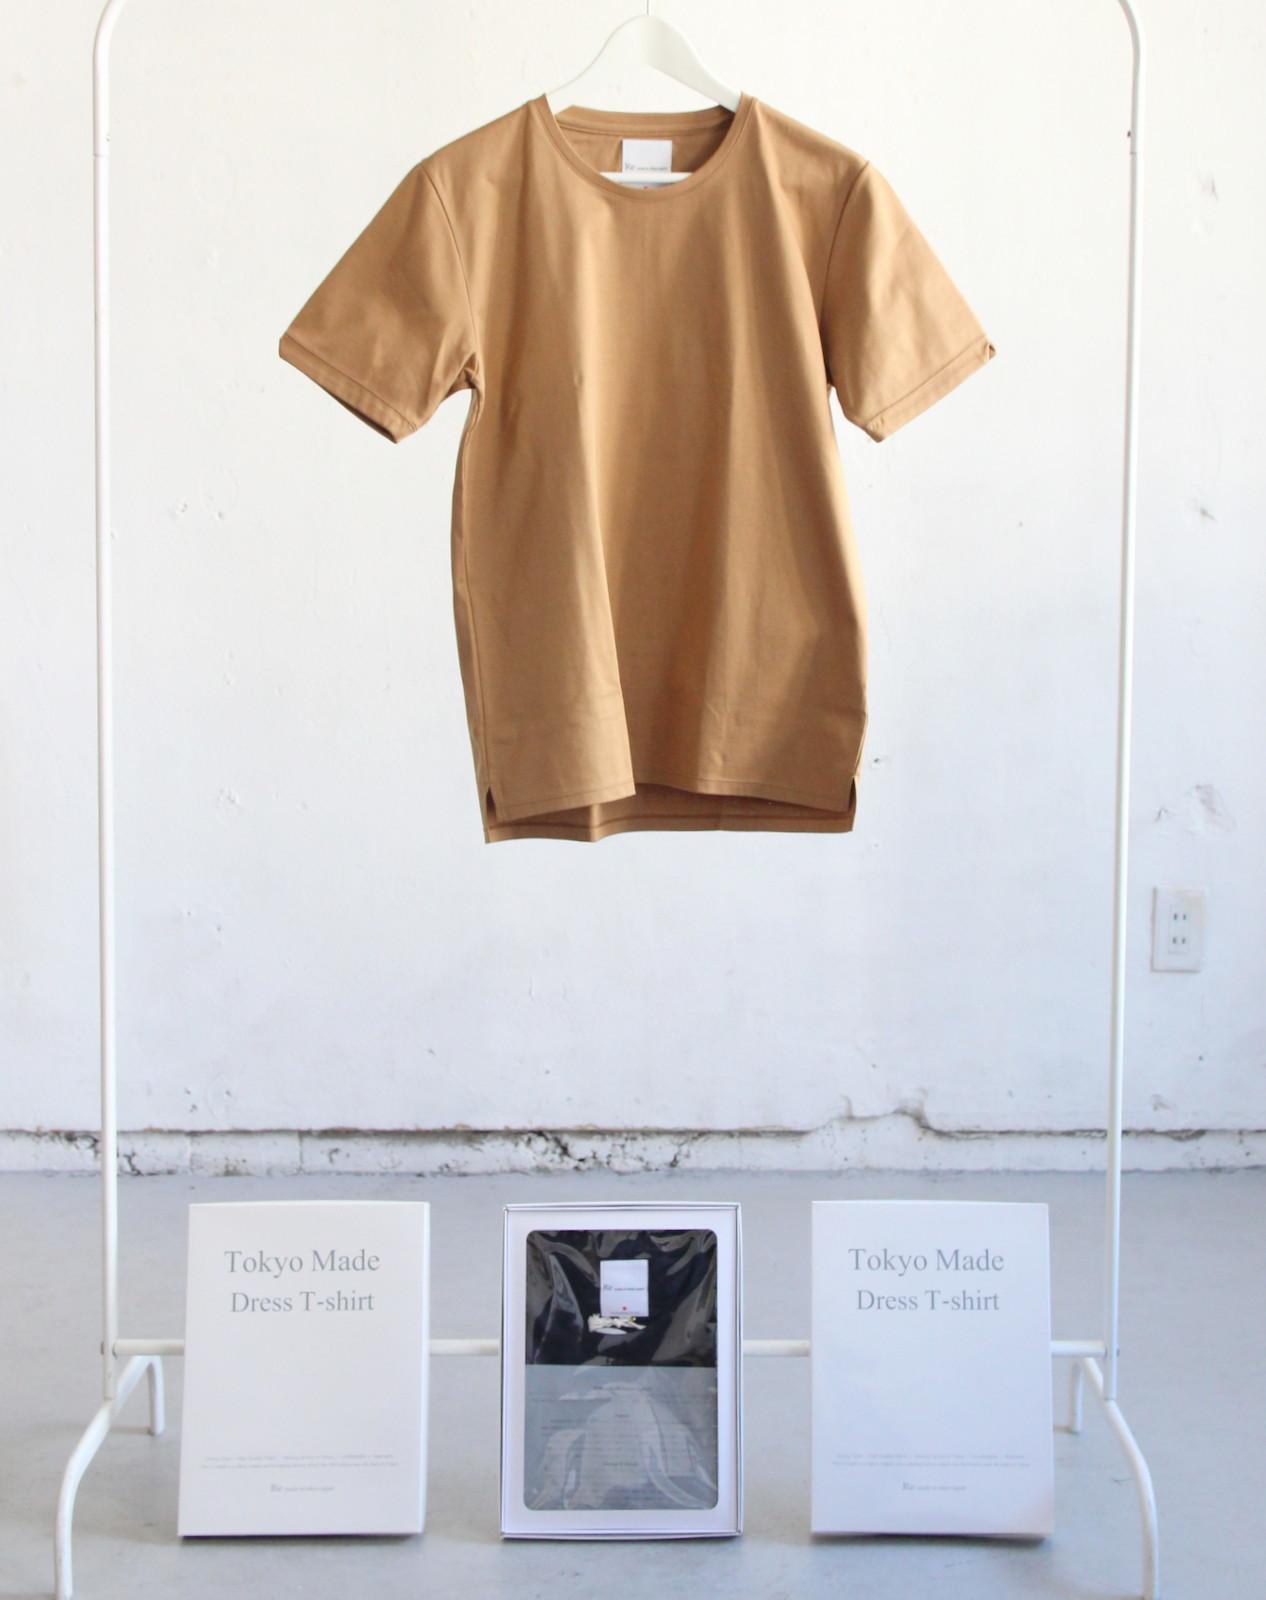 Tokyo Made Dress T-shirt_c0379477_08265794.jpg